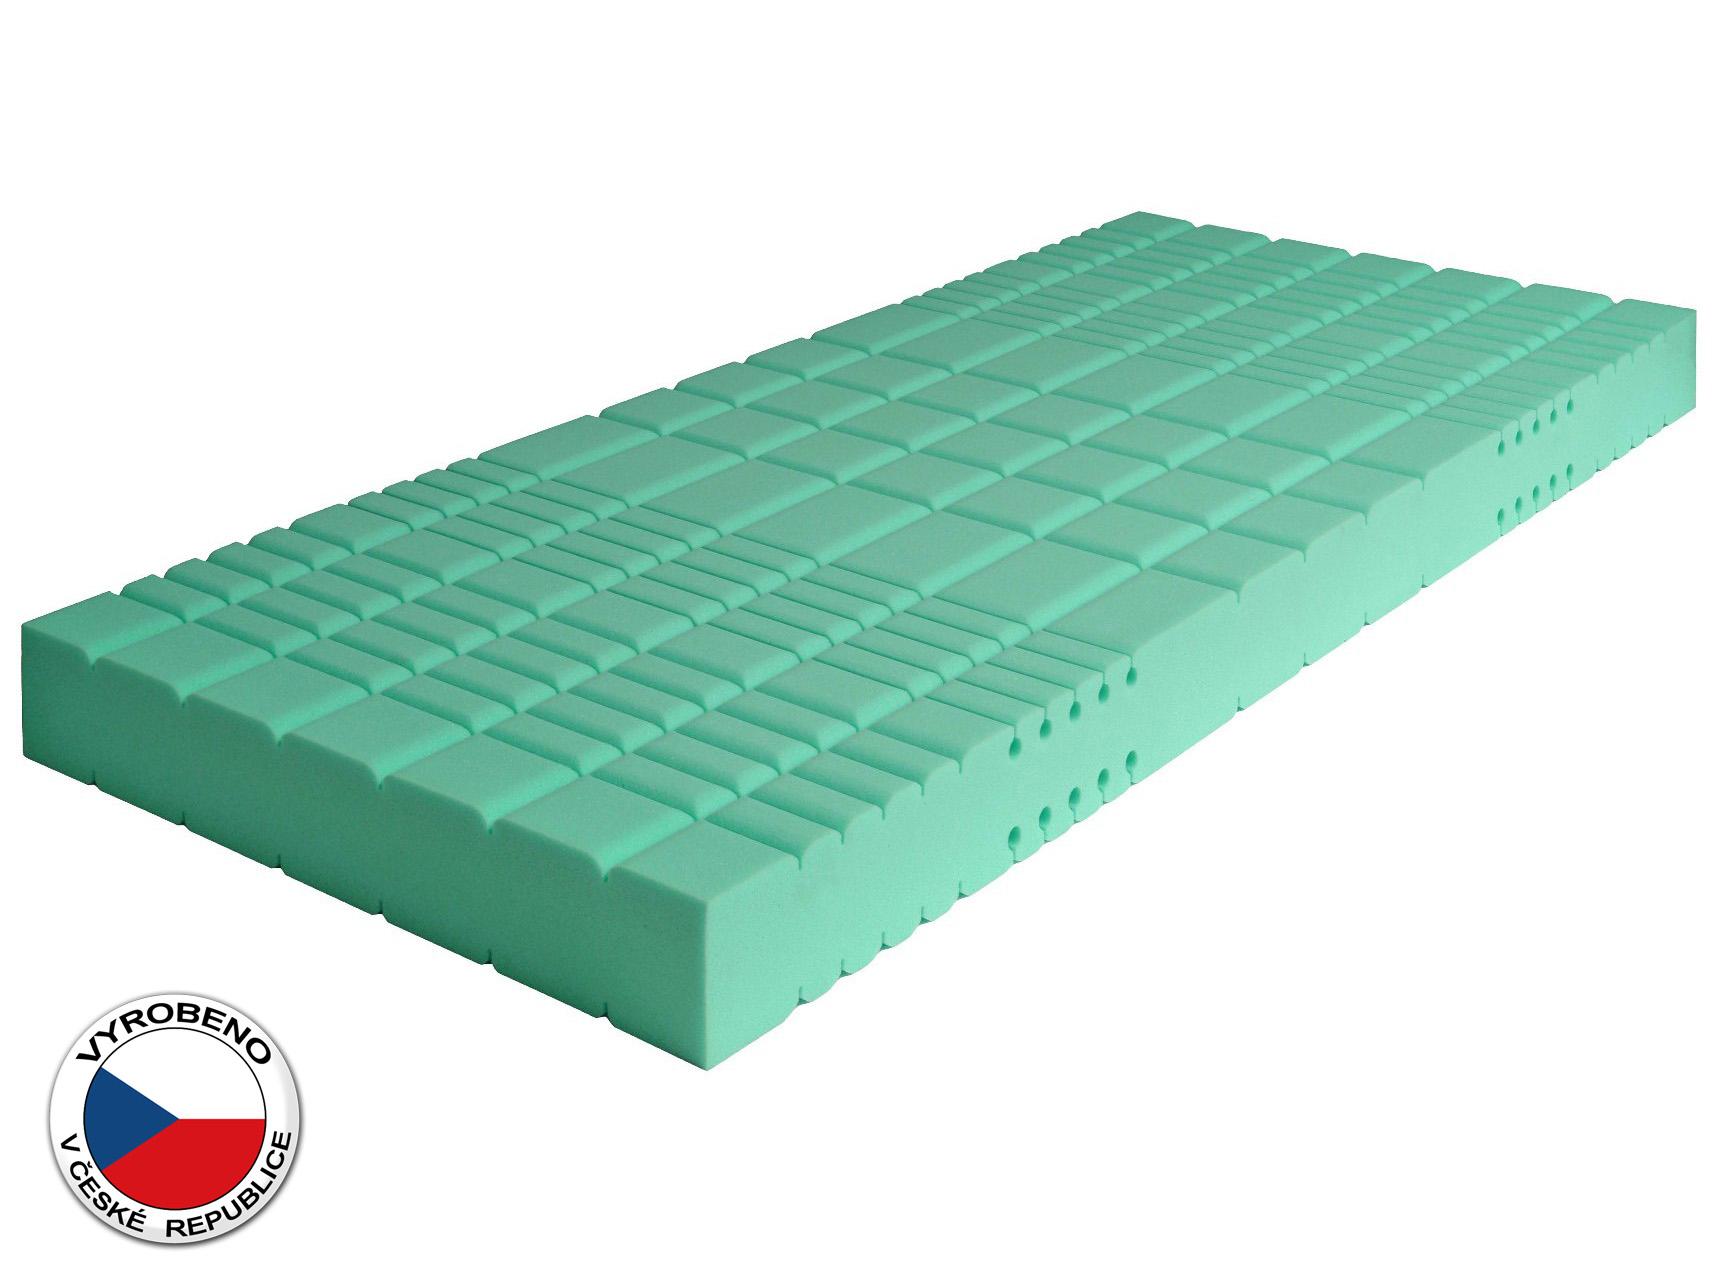 Pěnová matrace - Purtex - Lucy Bio Greenfirst - 195x80 cm (T3). Luxusní a výhodná zdravotní matrace se snímatelným potahem, speciální BIO pěnou a antialergickým jádrem, které poskytuje 100% ochranu proti roztočům.